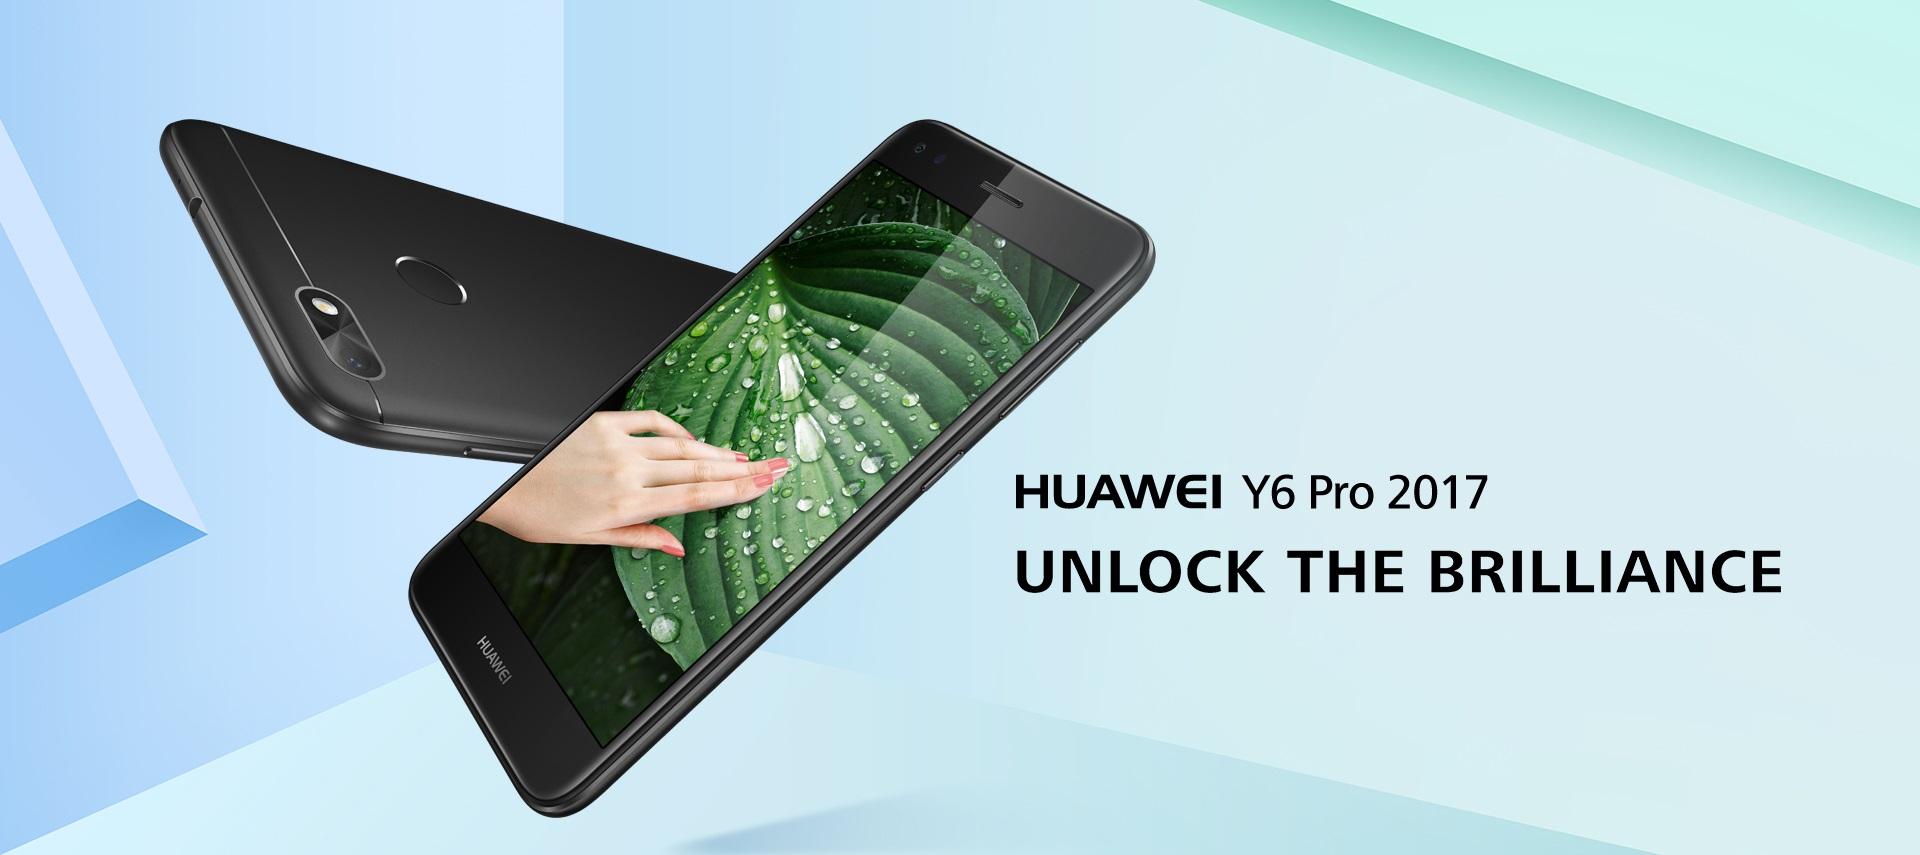 Huawei uvedl Y6 Pro 2017, nástupce loňského modelu